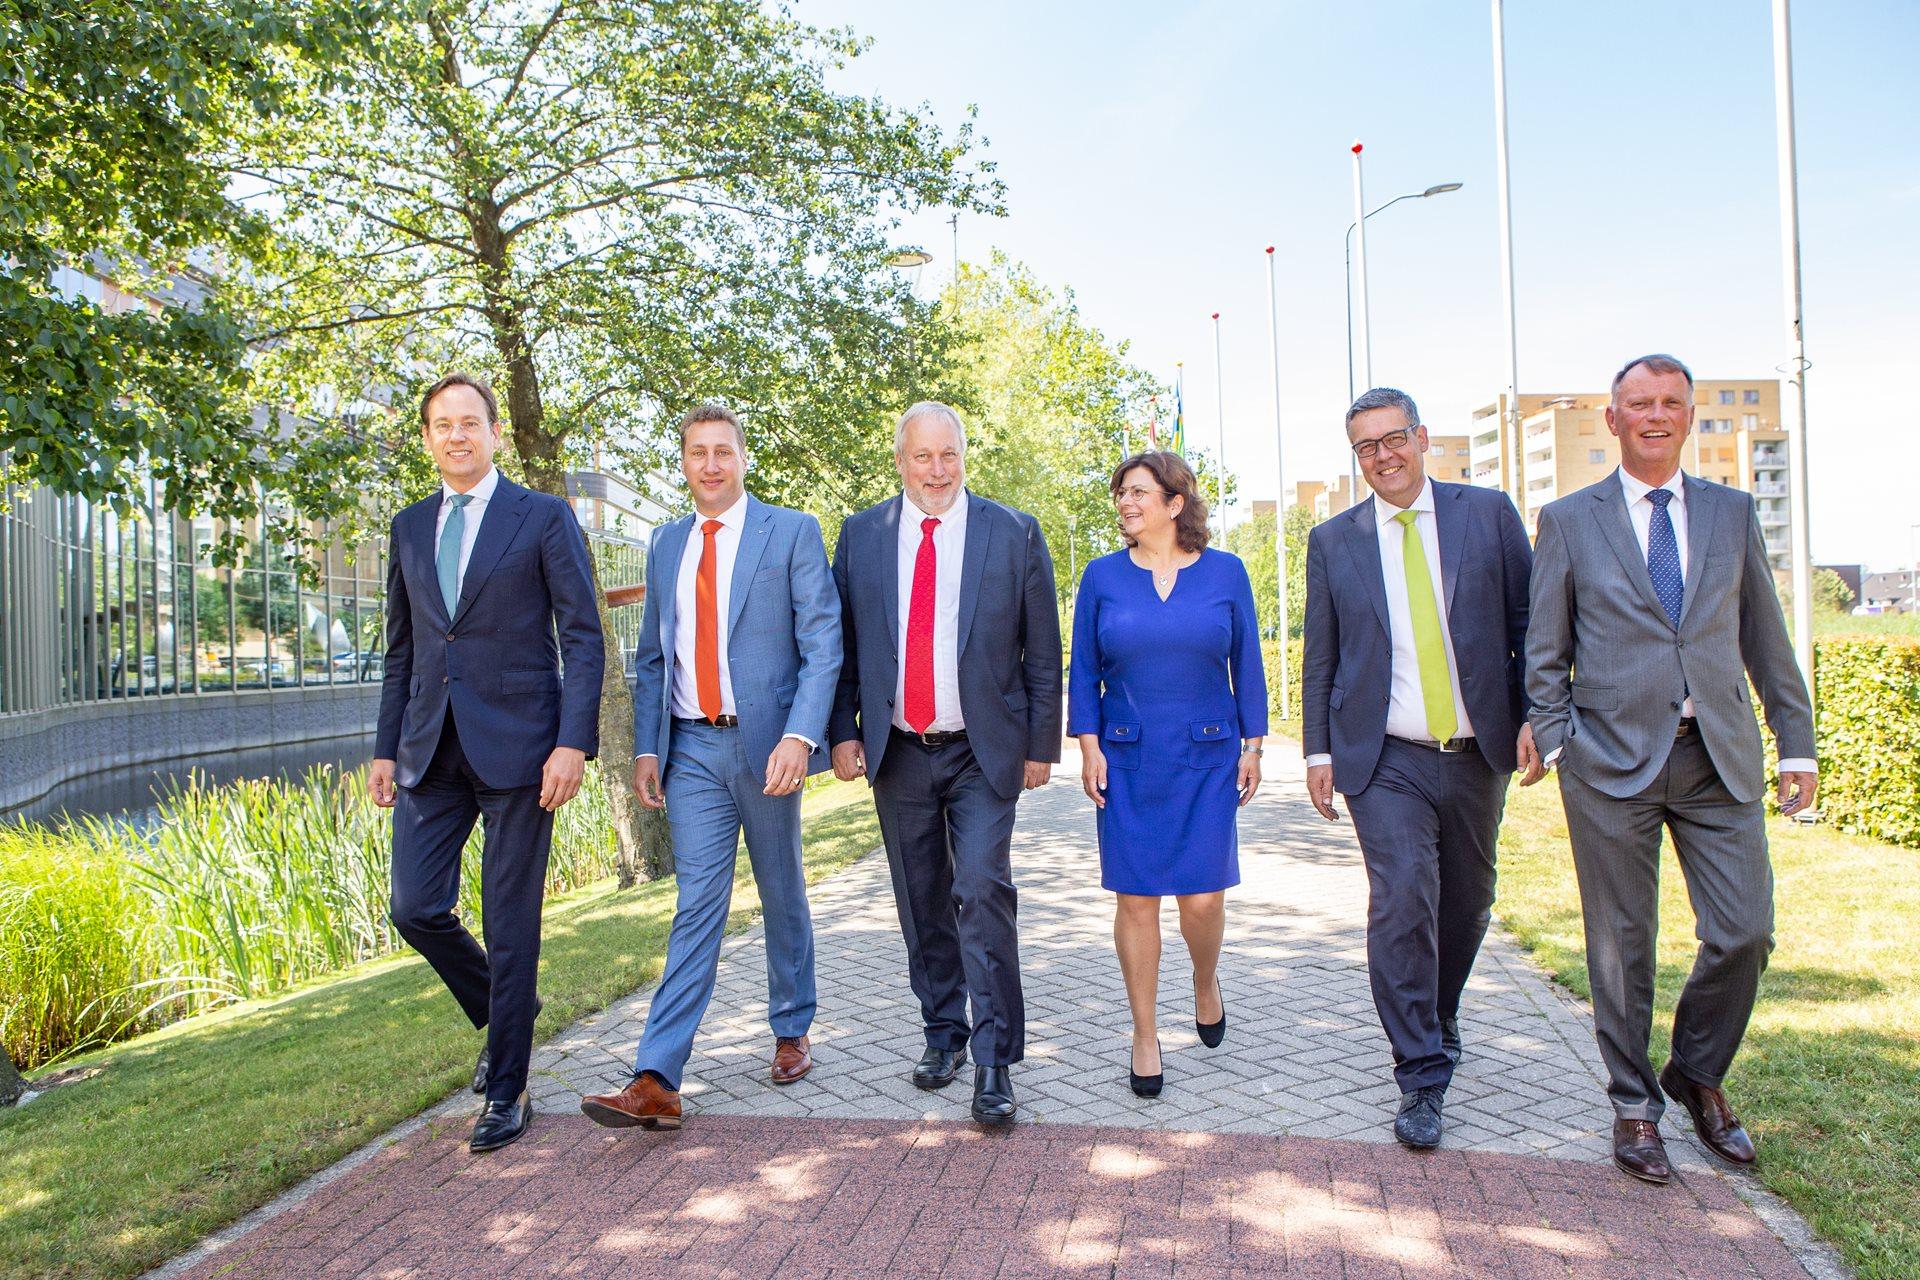 Het college van gedeputeerde staten van links naar rechts: Jan-Nico Appelman, Harold Hofstra, Jop Fackeldey, Cora Smelik, Michiel Rijsberman en Jan de Reus.